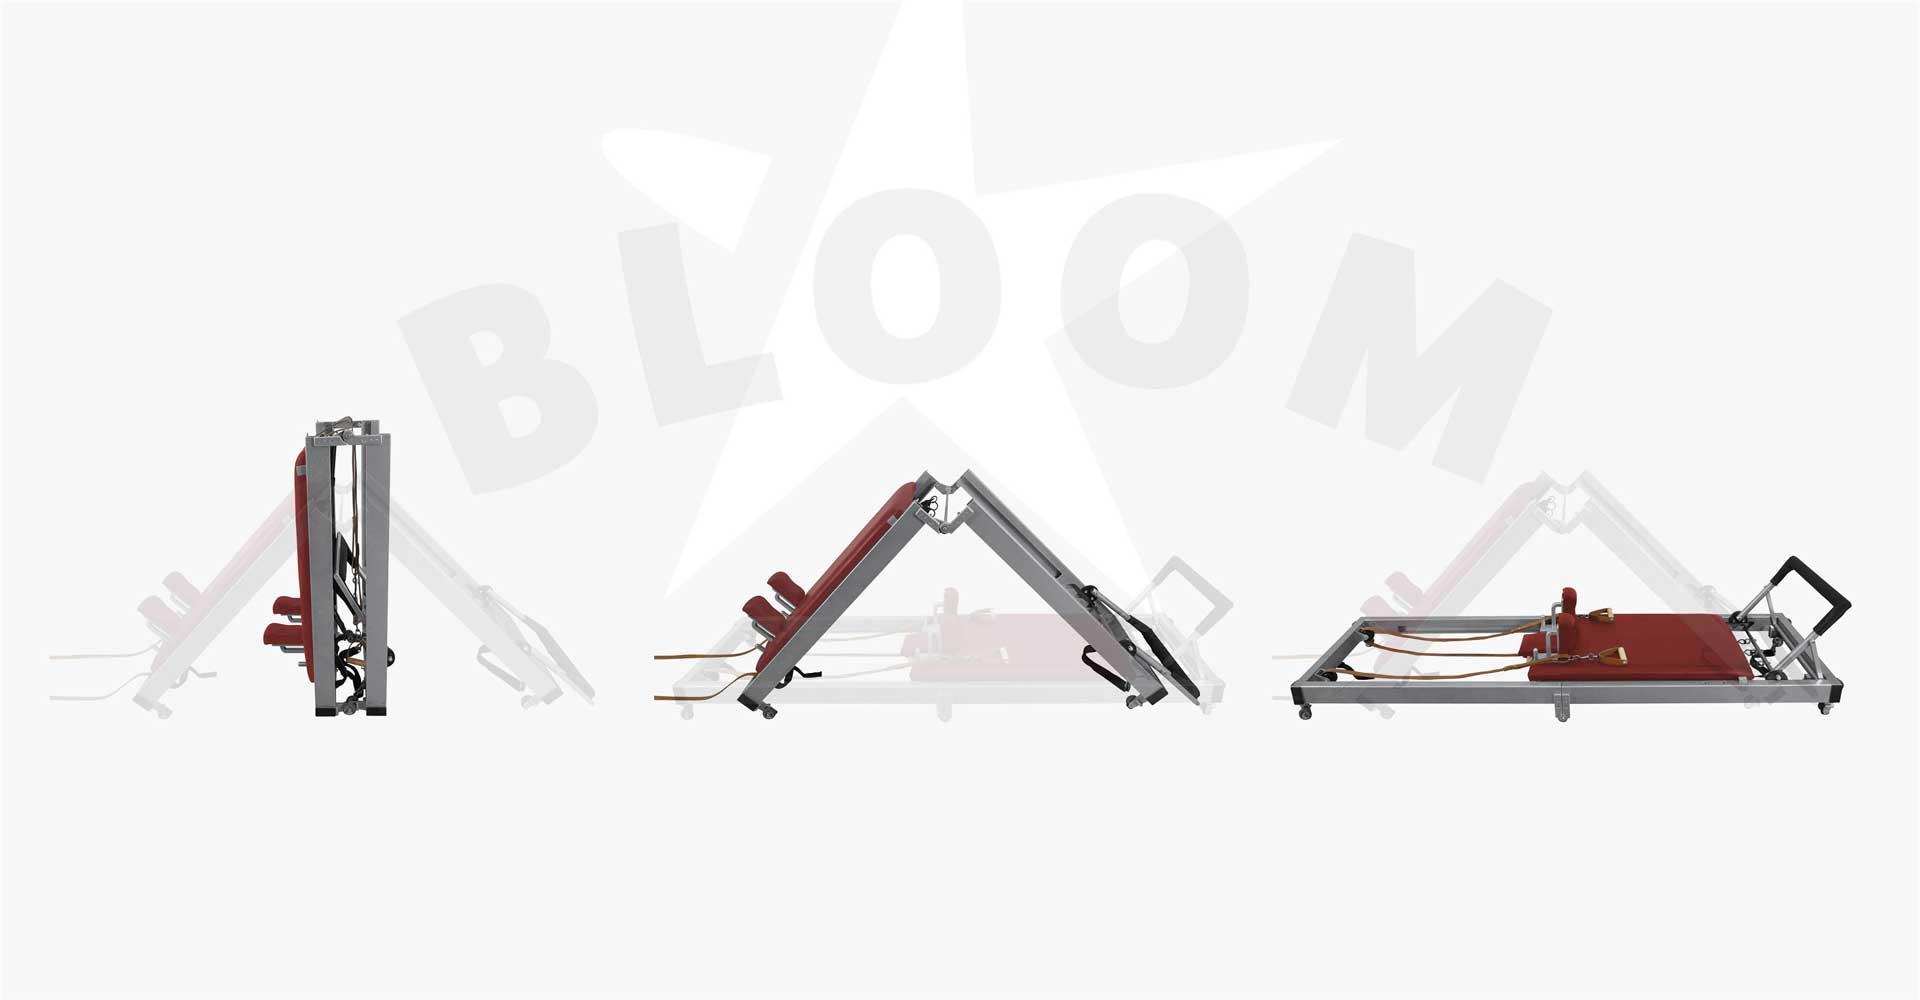 Folding Reformer - il primo reformer classico ripiegabile